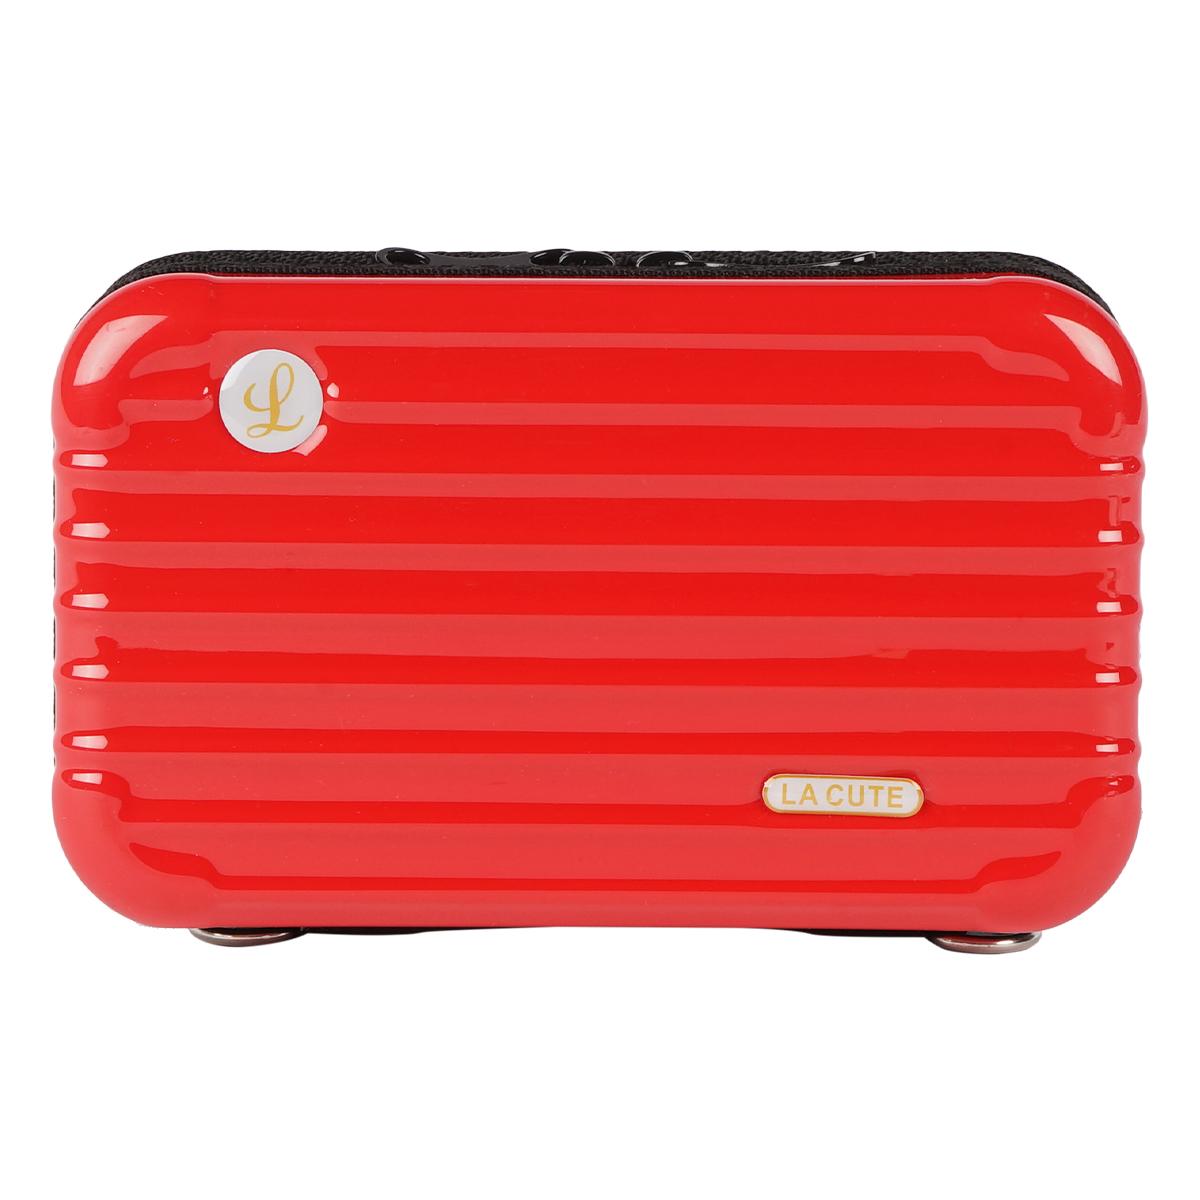 3WAYミニトランクポーチ (RED) LA19010001